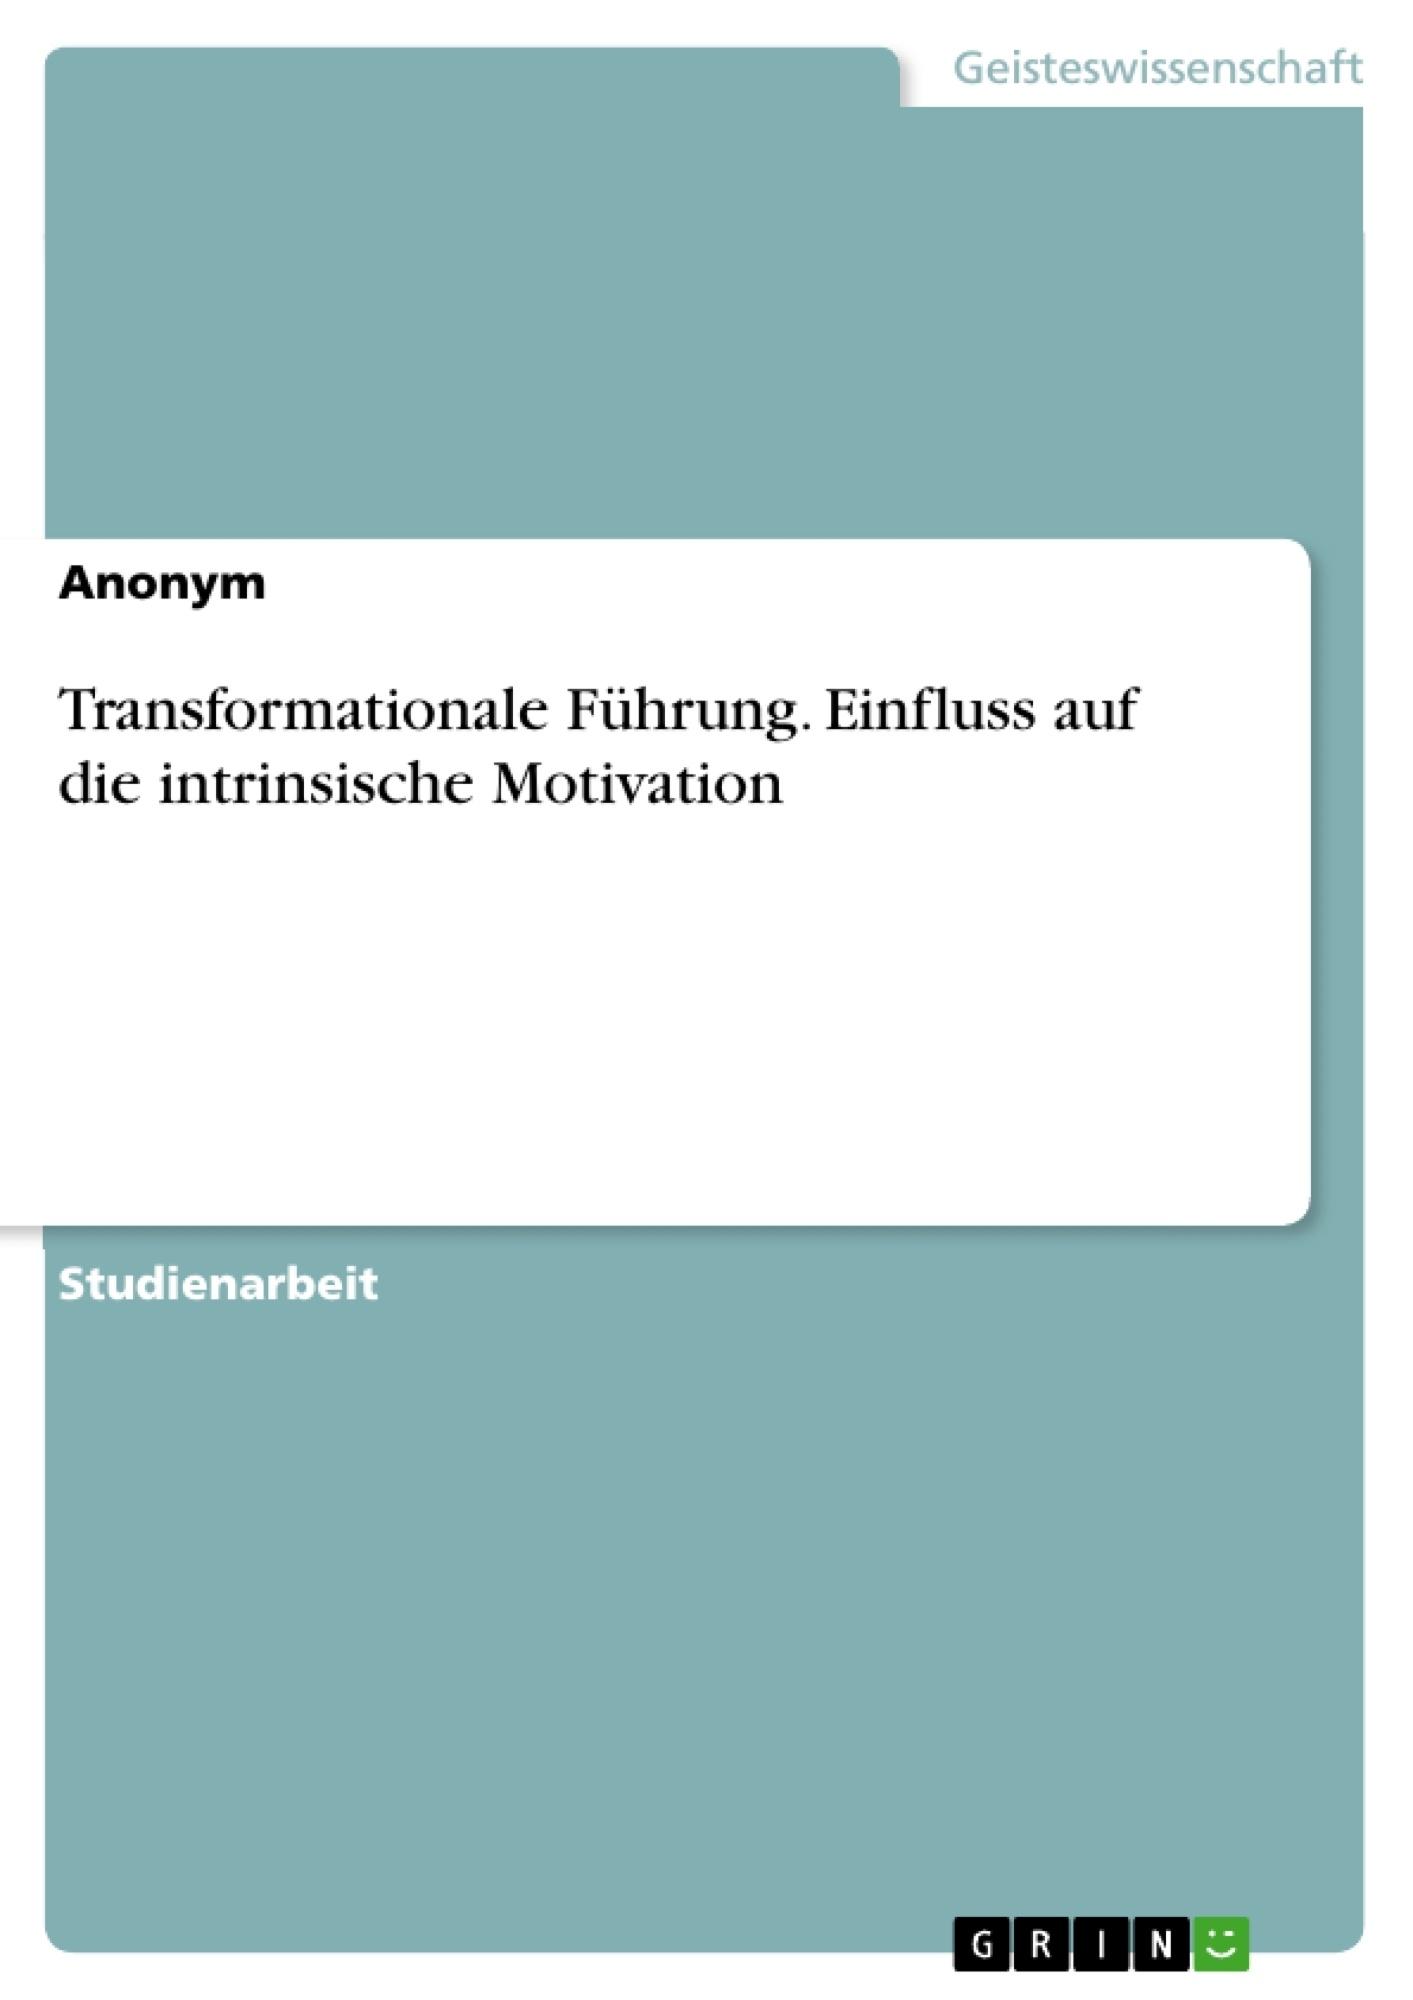 Titel: Transformationale Führung. Einfluss auf die intrinsische Motivation